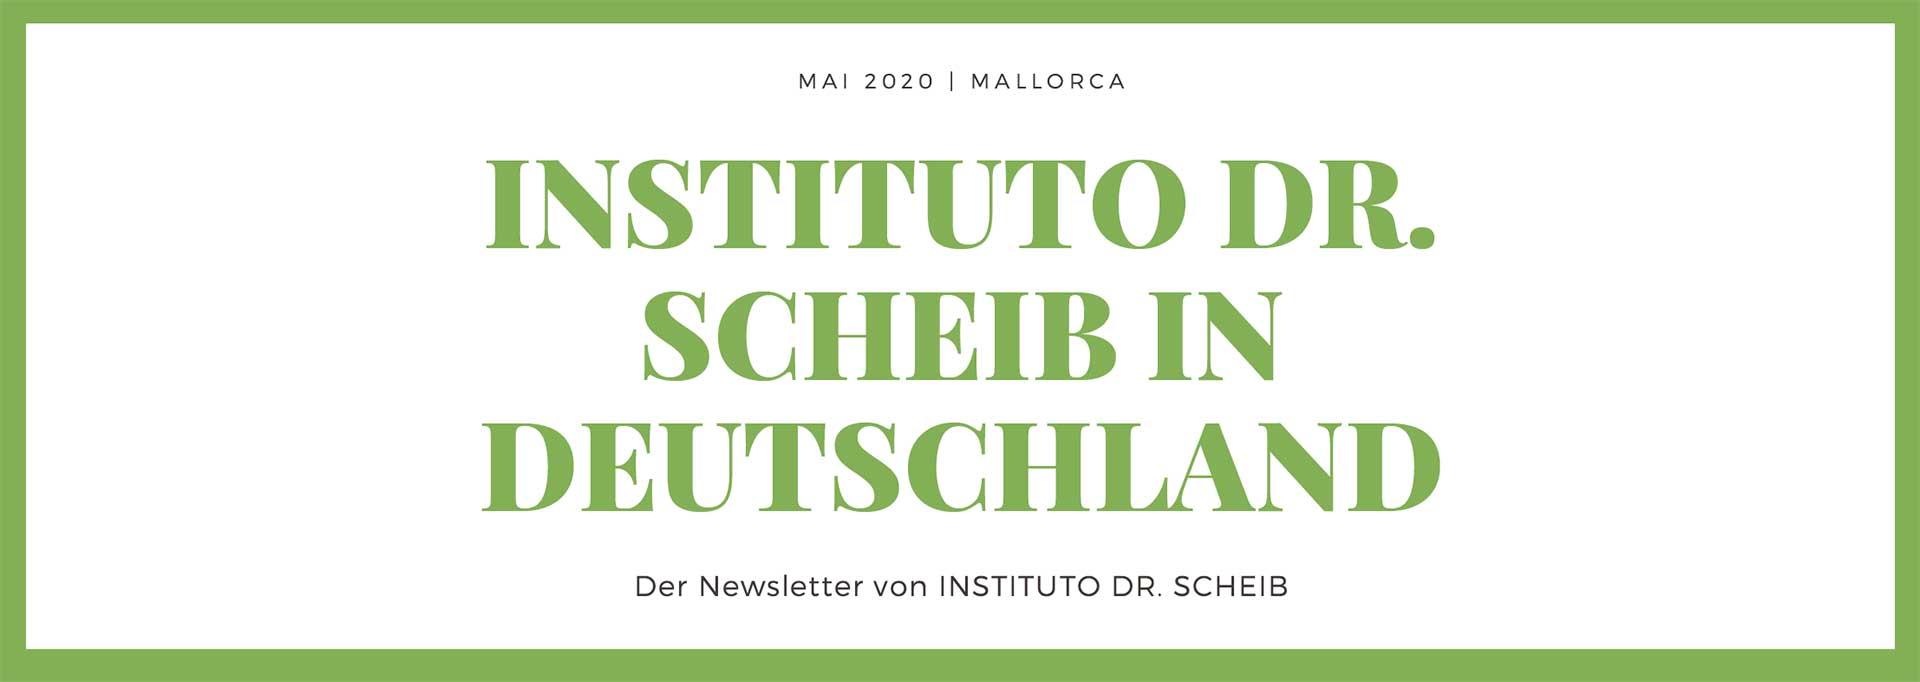 Newsletter Dr Scheib Mai 2020